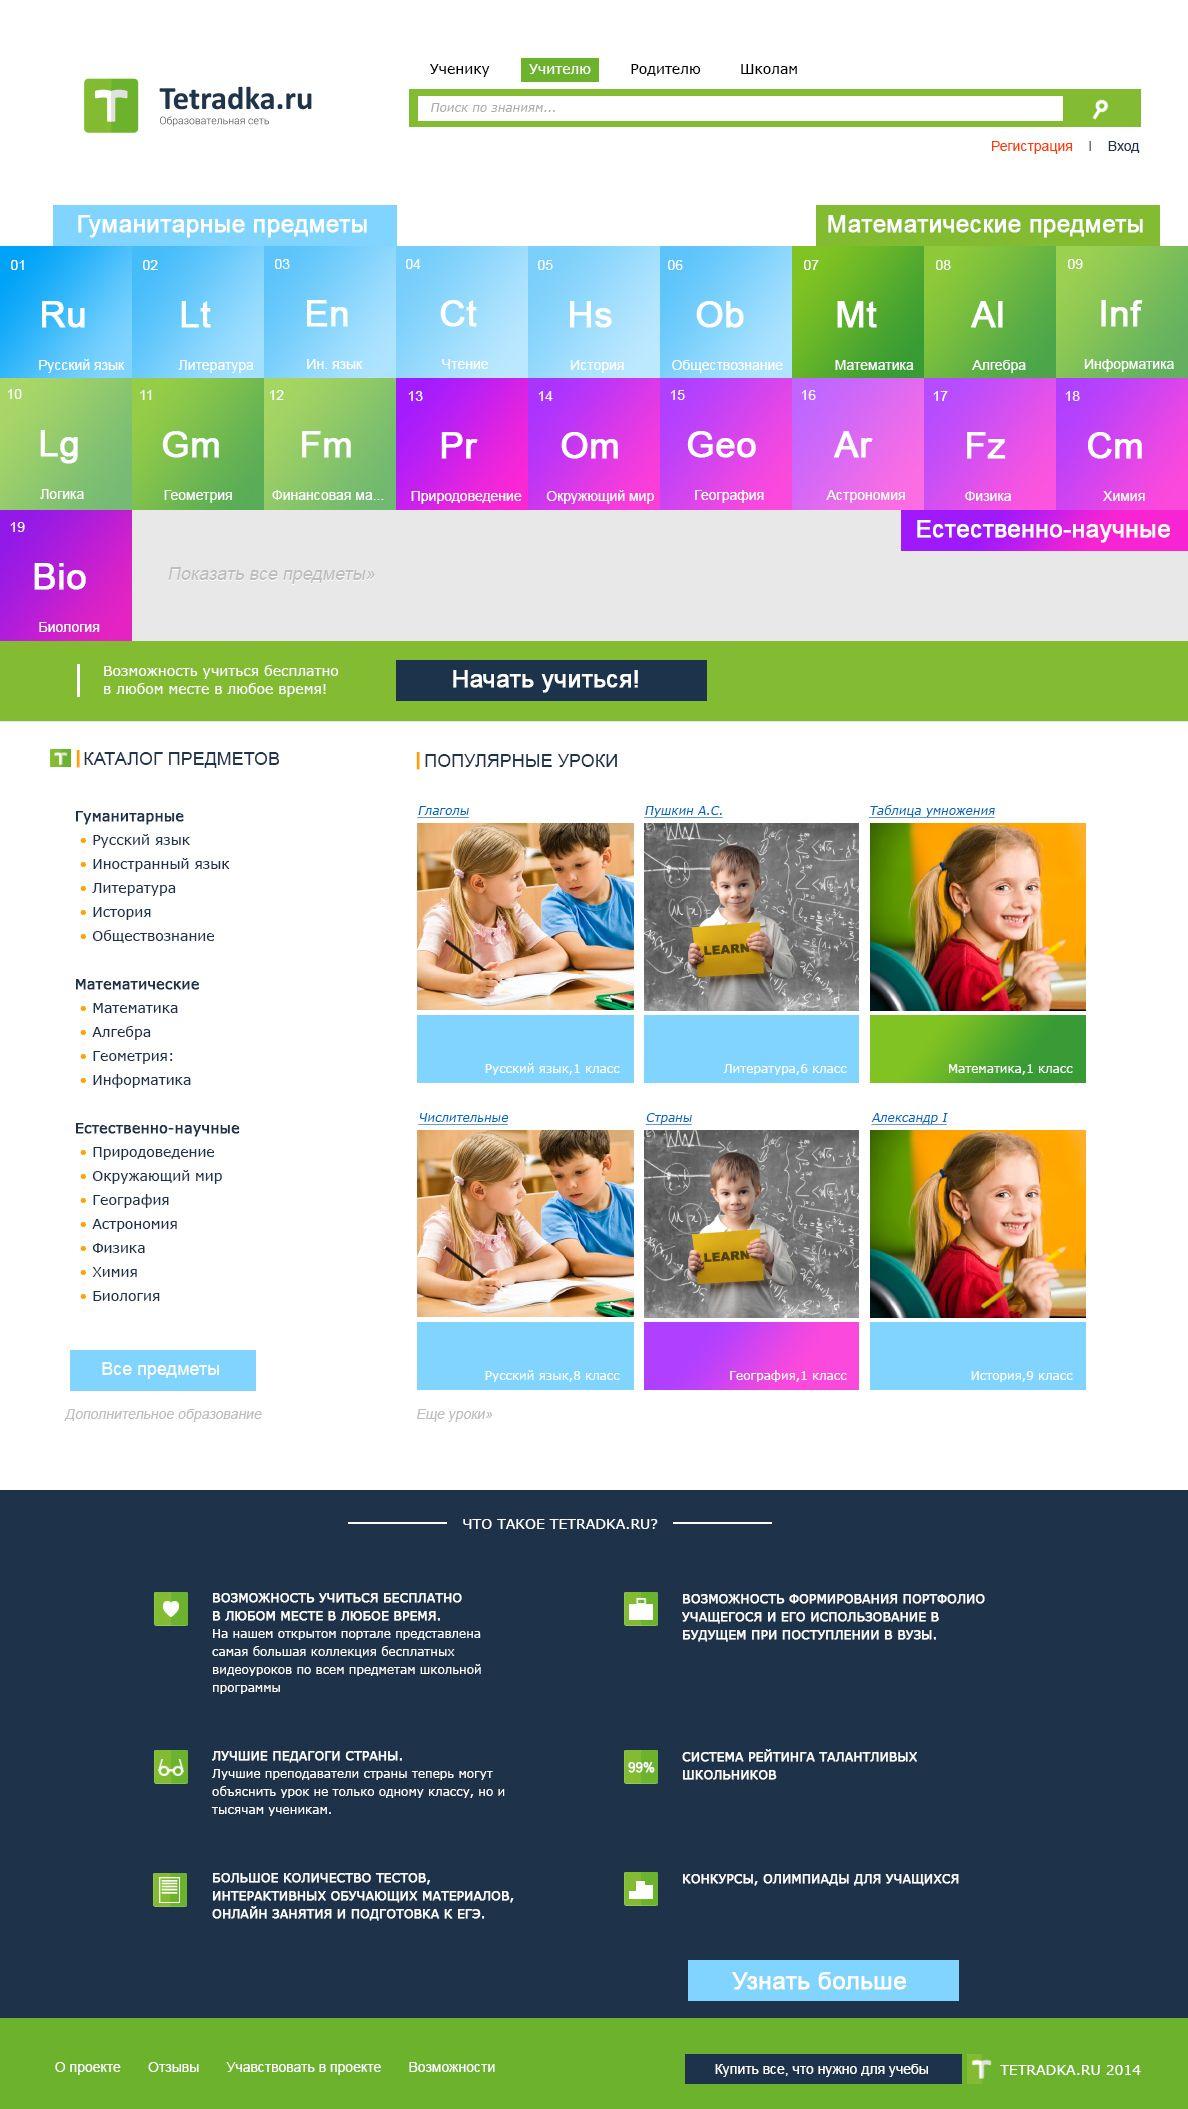 Главная страница образовательной сети tetradka.ru - дизайнер lystcov